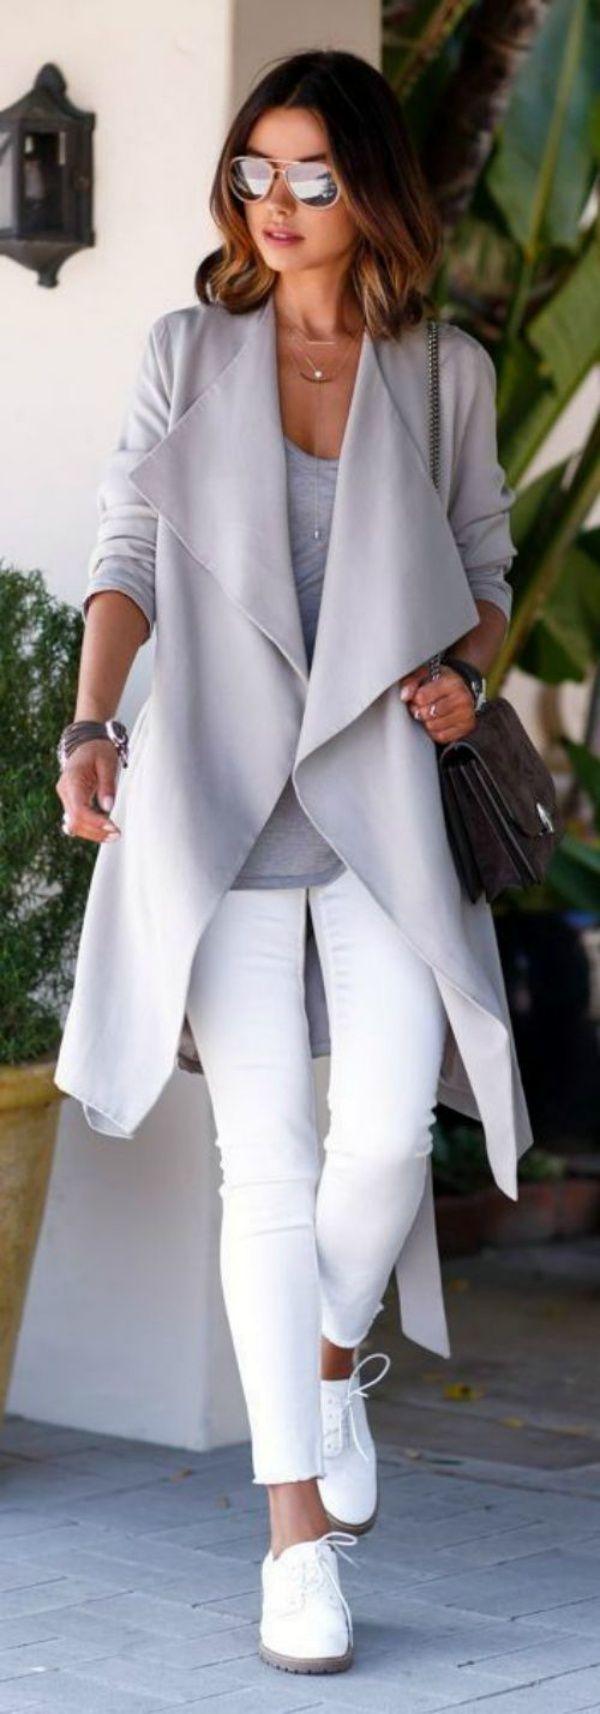 Herfst outfit met witte broek en grijze top